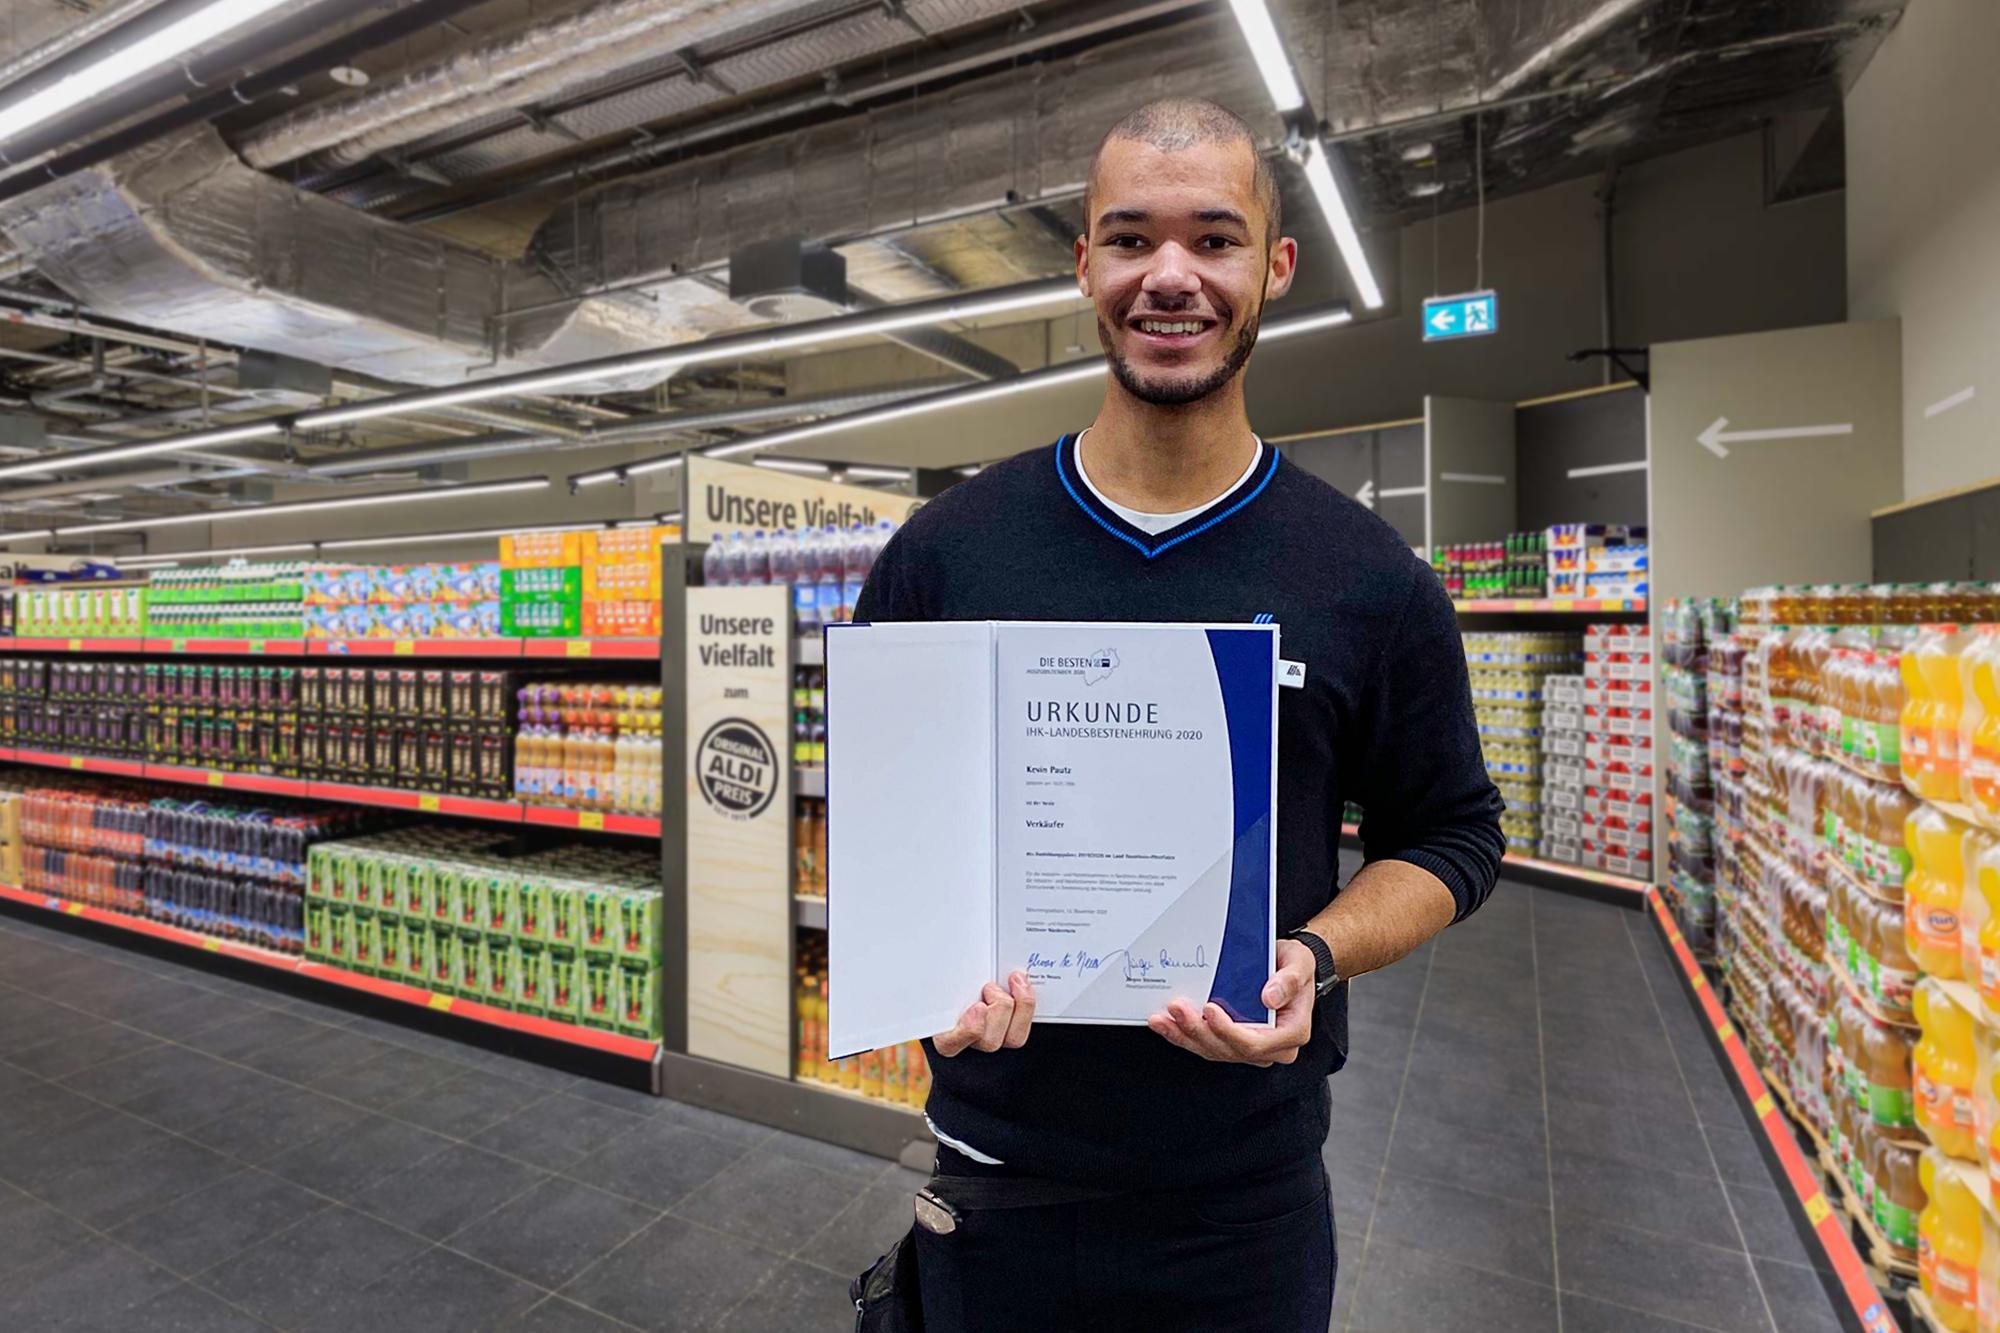 Kevin Pautz (25) von ALDI Langenfeld arbeitet in der Düsseldorfer City (F 67). In seiner Ausbildung zum Verkäufer legte er die beste Abschlussprüfung in NRW ab.